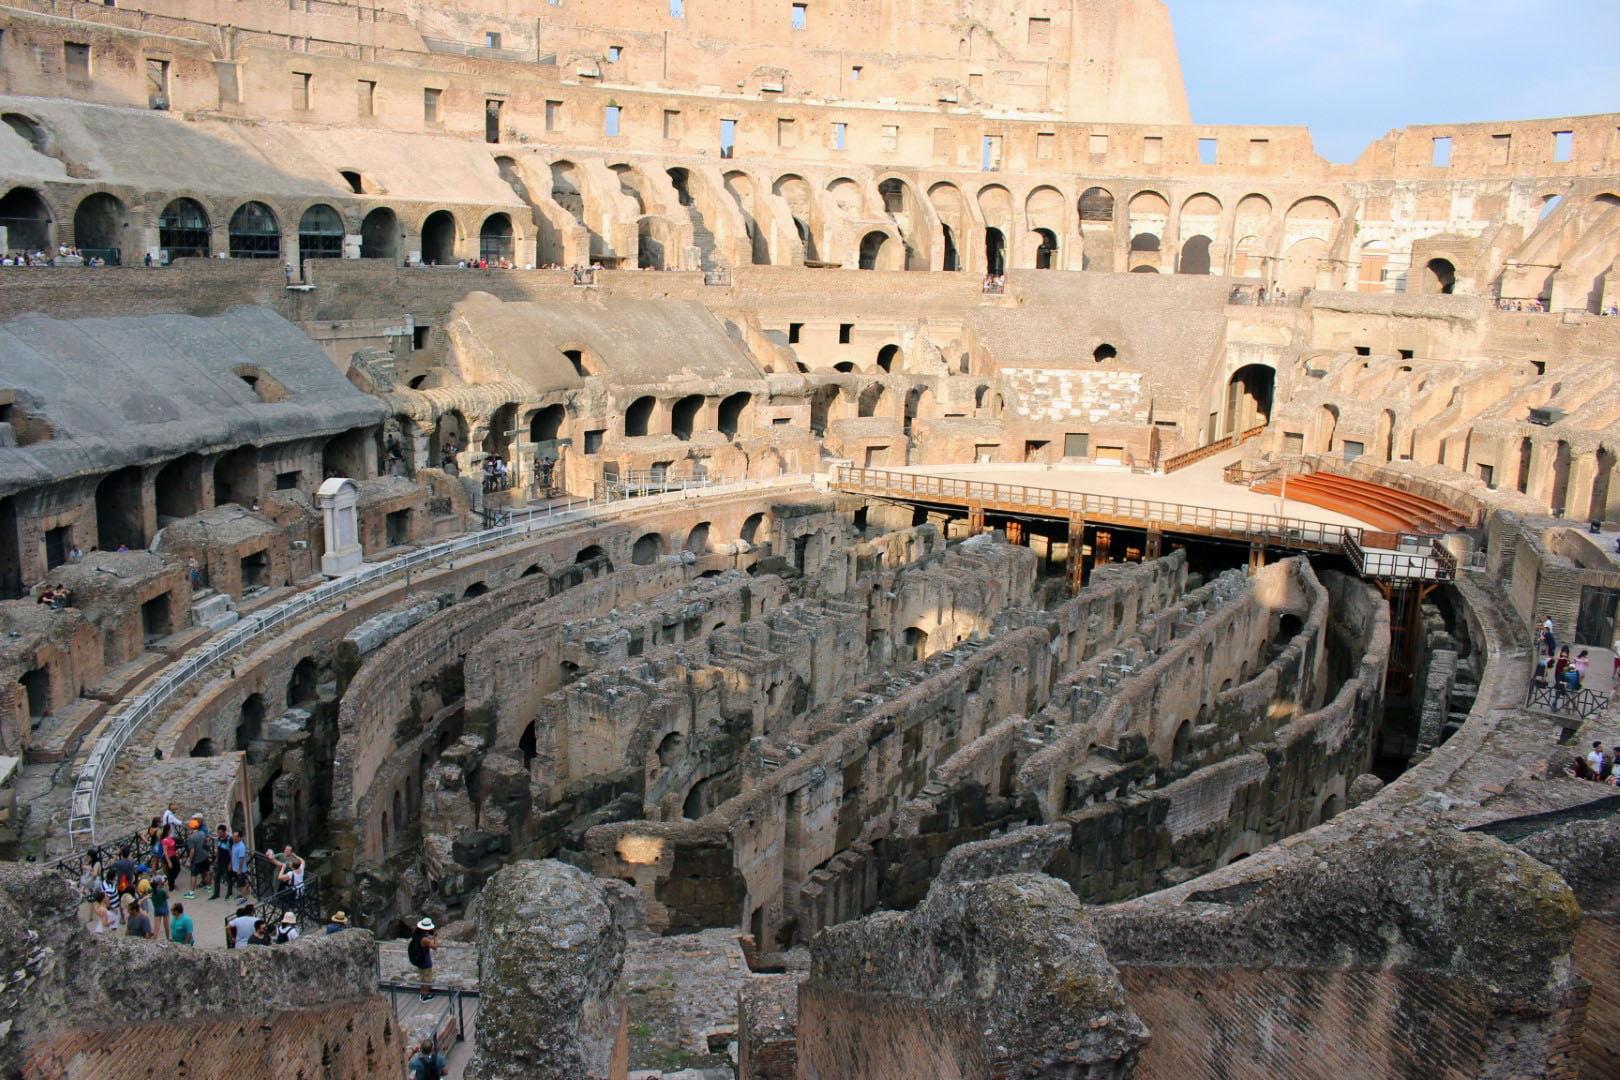 Italija_Rim_Koloseum_obilazak_Putovanja_2020_Evropske_metropole_autobusom_akcija